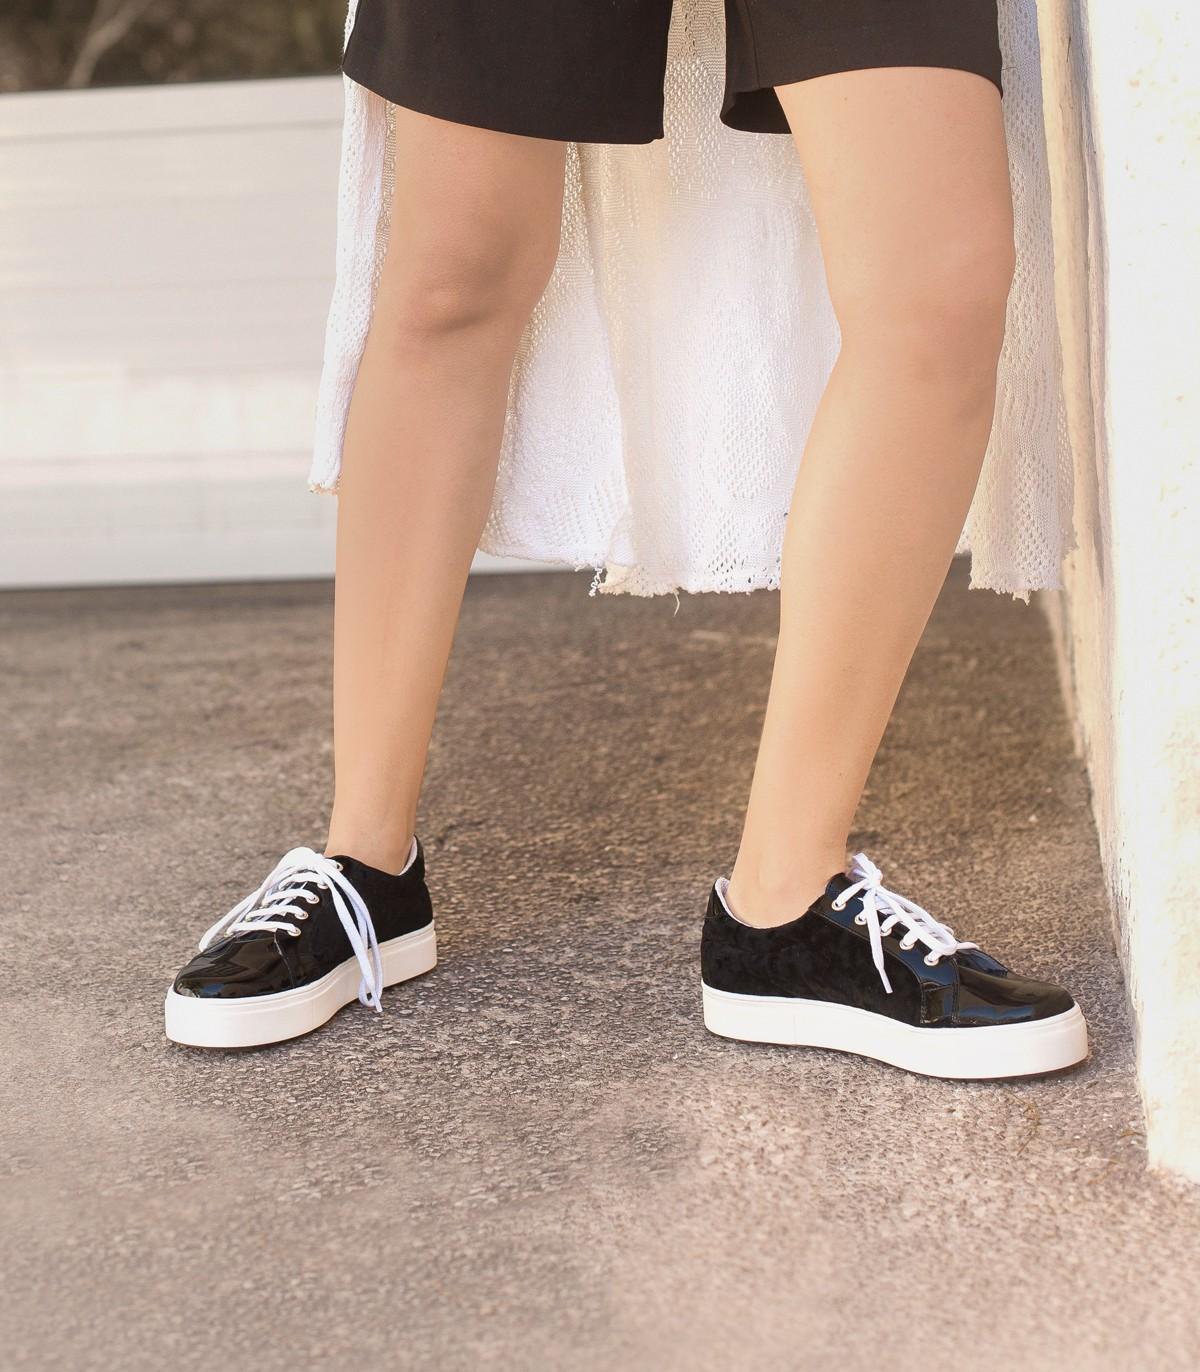 d61666f34b9 Zapatillas de charol negro combinado – Zapatillas de mujer ...